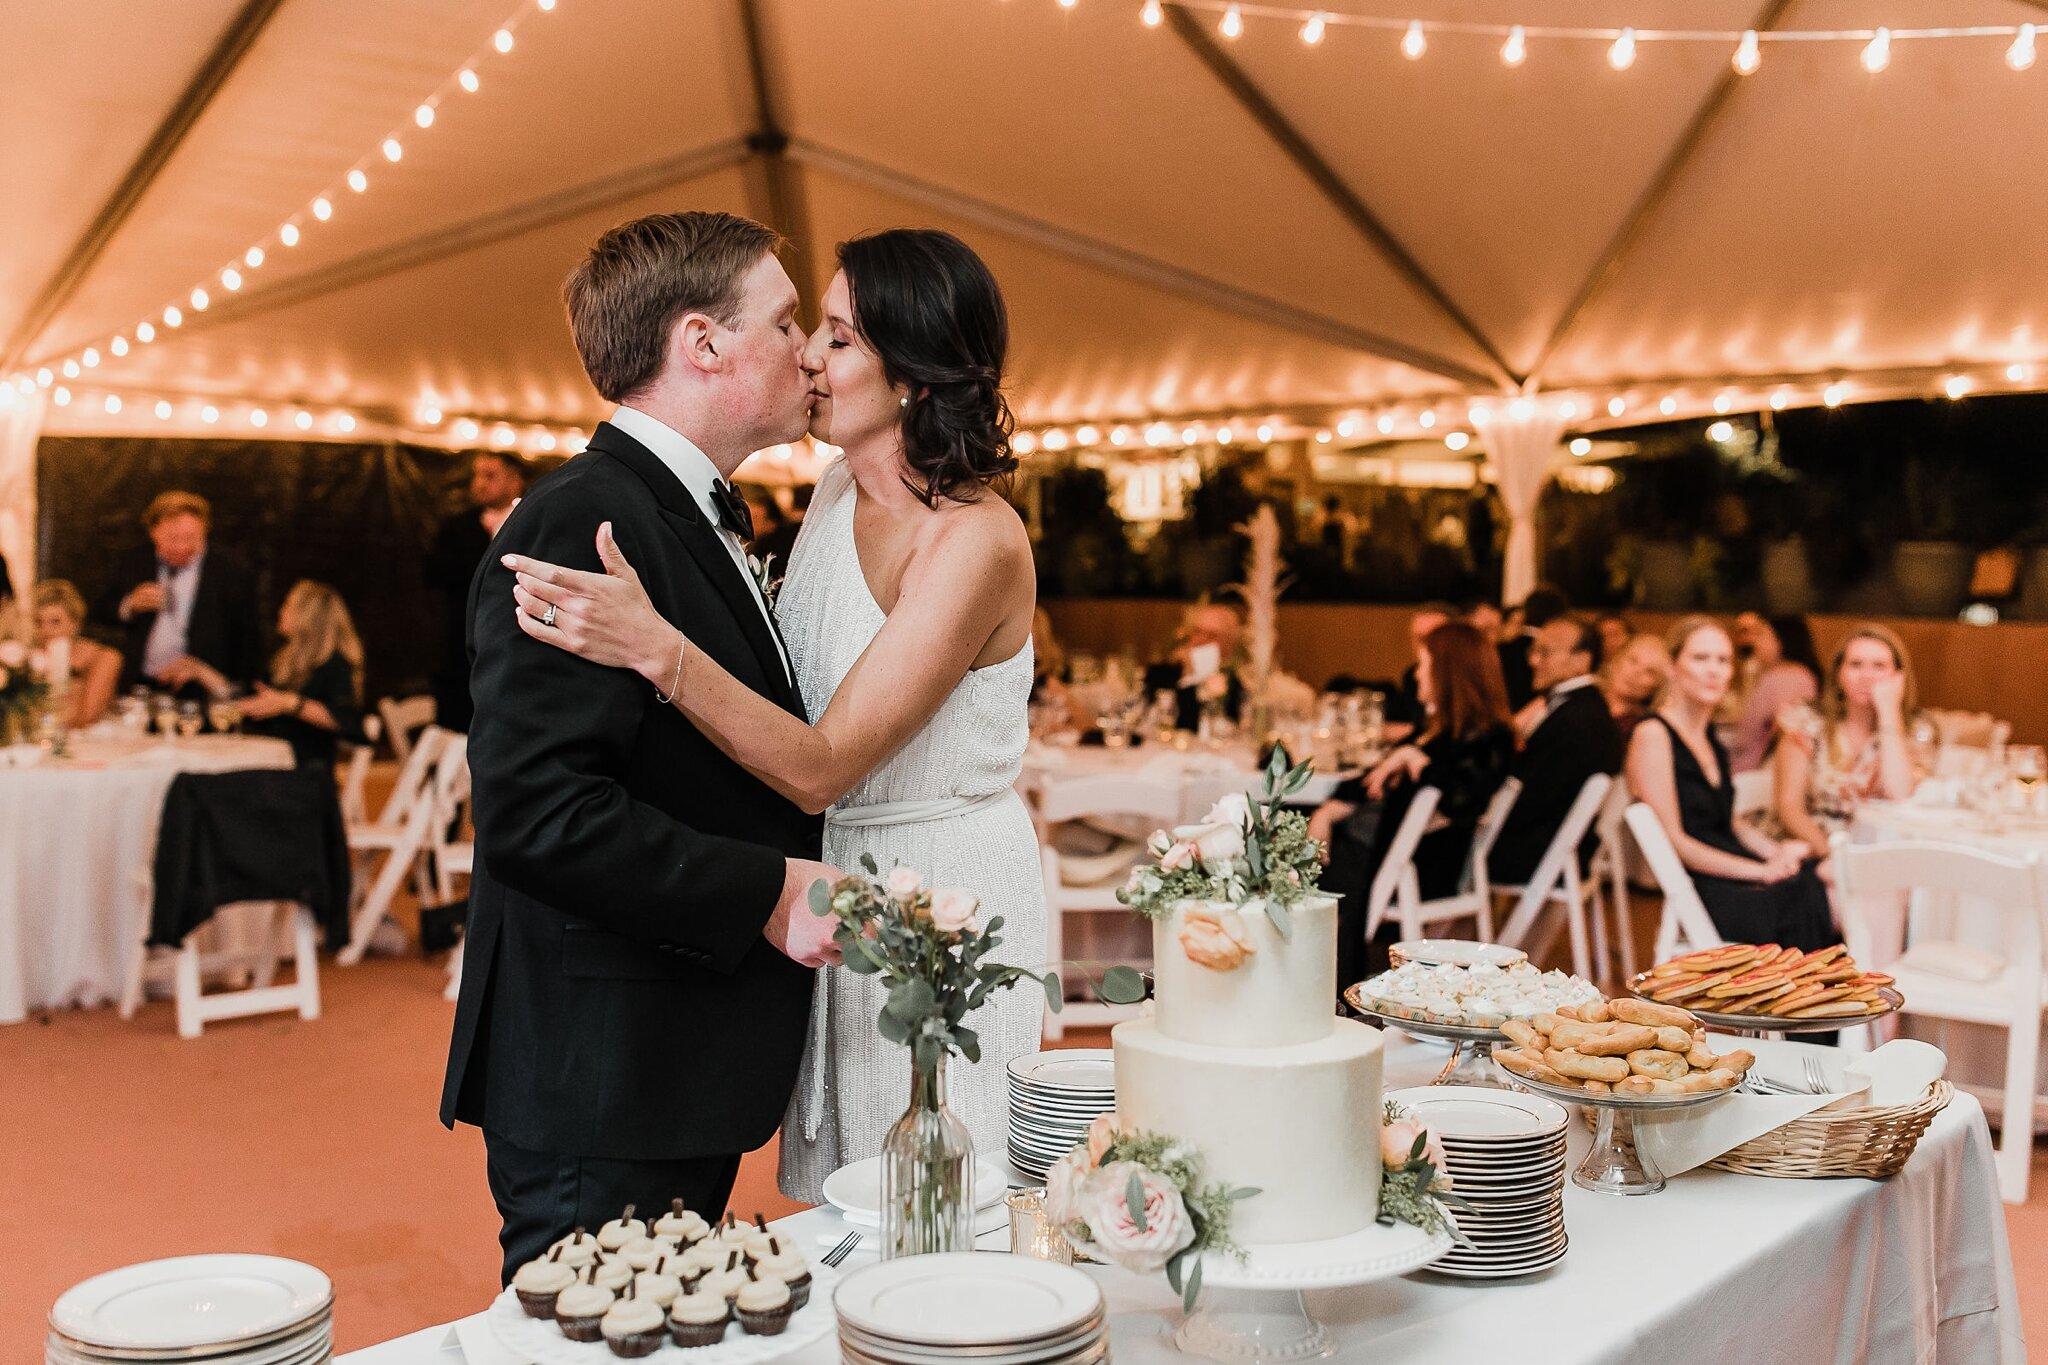 Alicia+lucia+photography+-+albuquerque+wedding+photographer+-+santa+fe+wedding+photography+-+new+mexico+wedding+photographer+-+new+mexico+wedding+-+wedding+-+wedding+cakes+-+flroal+cake+-+santa+fe+cake+-+santa+fe+baker_0004.jpg